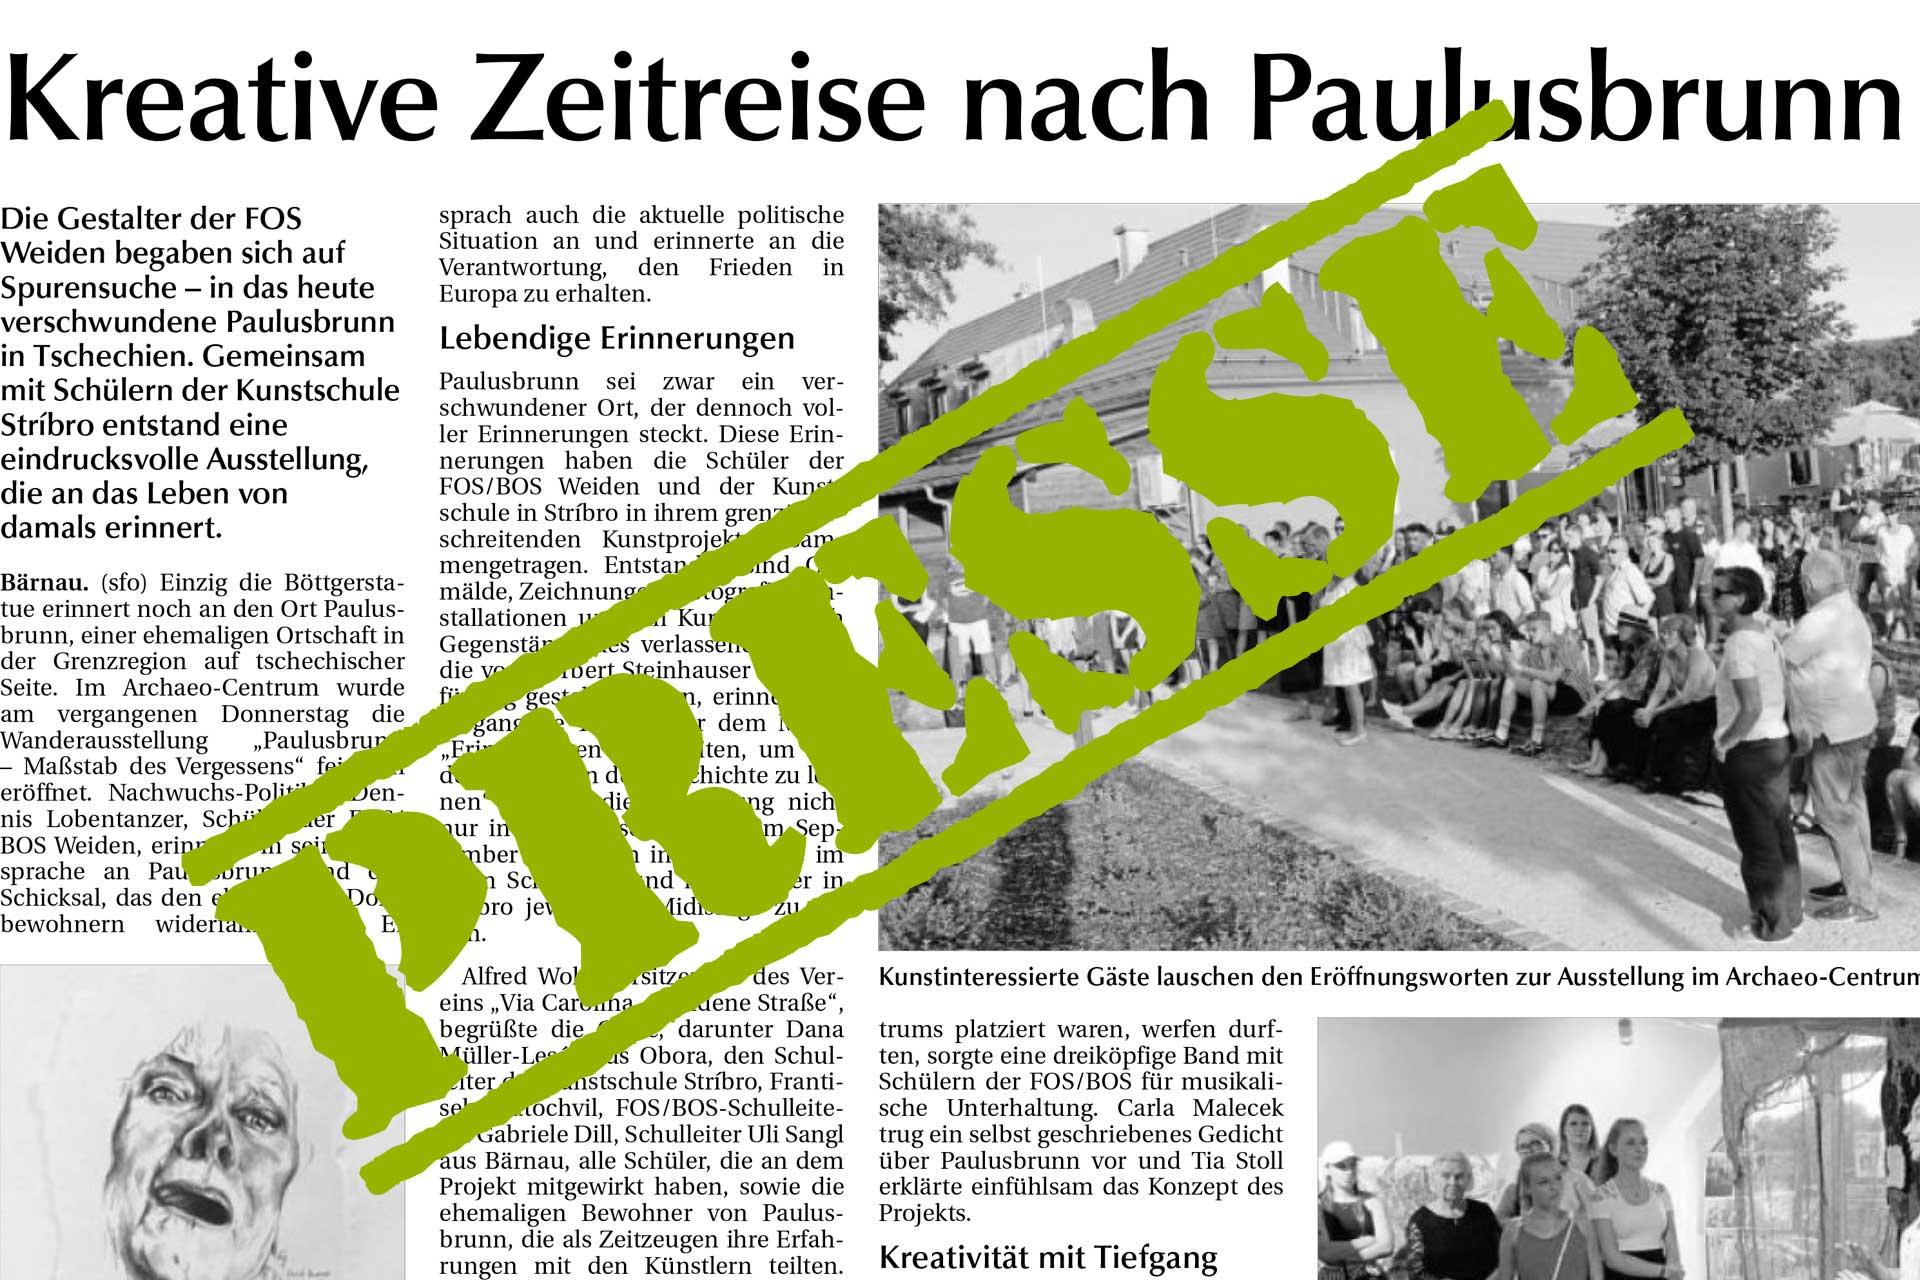 Deutsch-tschechisches Kunstprojekt